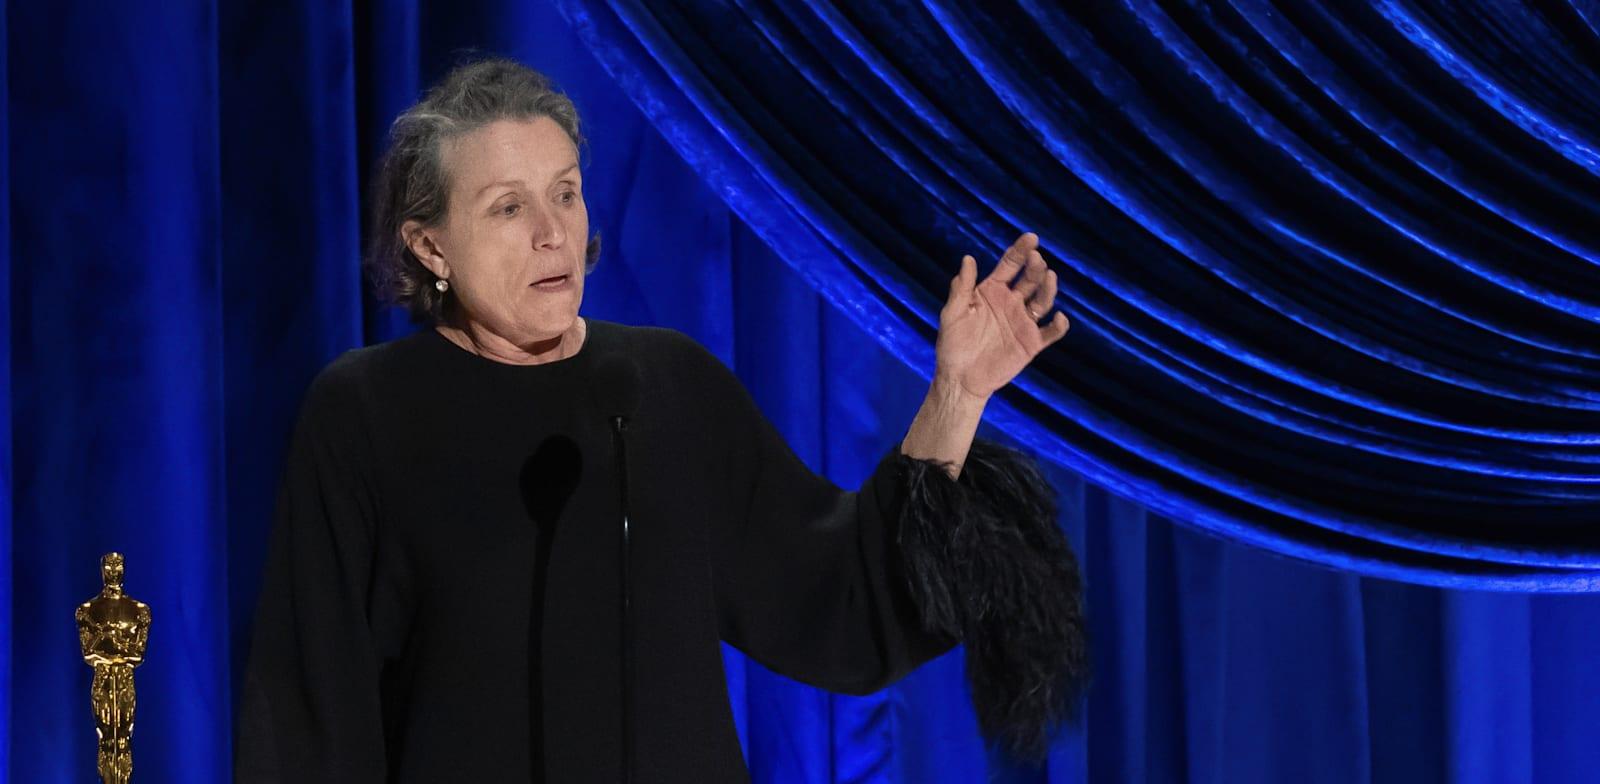 השחקנית פרנסס מקדורמנד בטקס האוסקר / צילום: Reuters, A.M.P.A.S